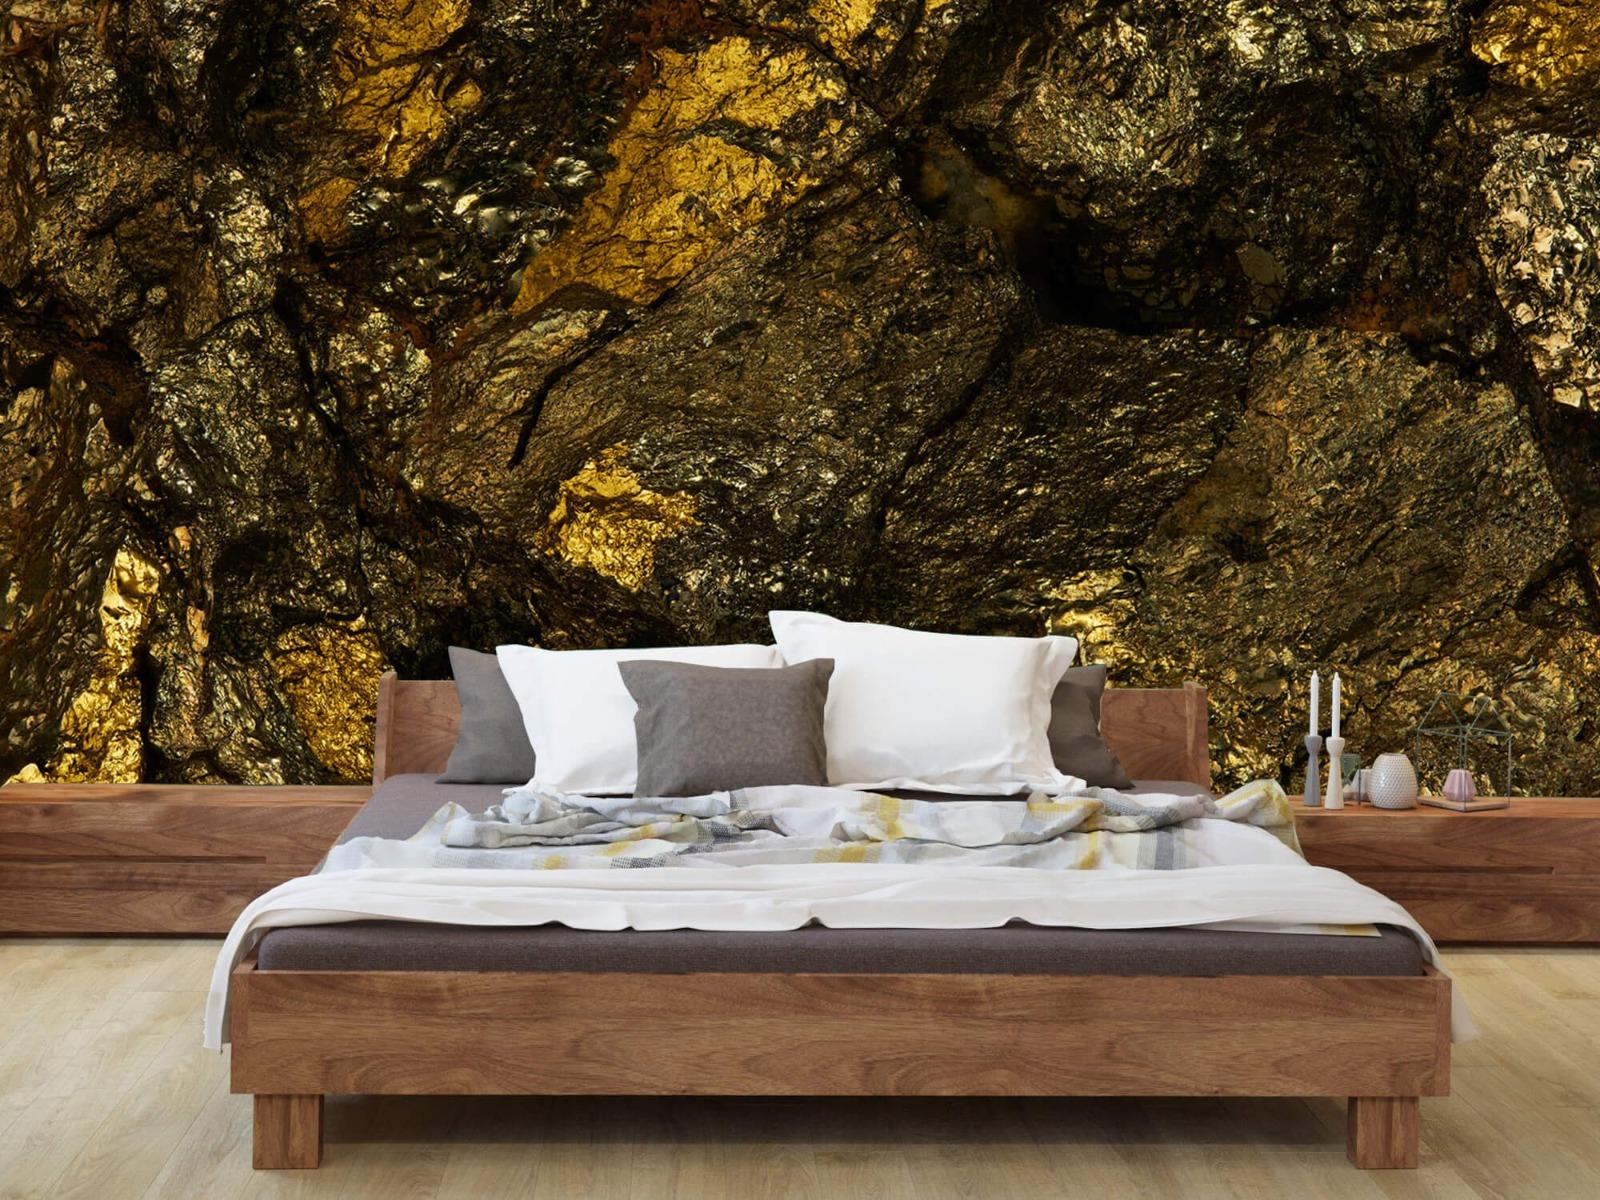 Steen behang - Steen met goud - Slaapkamer 8